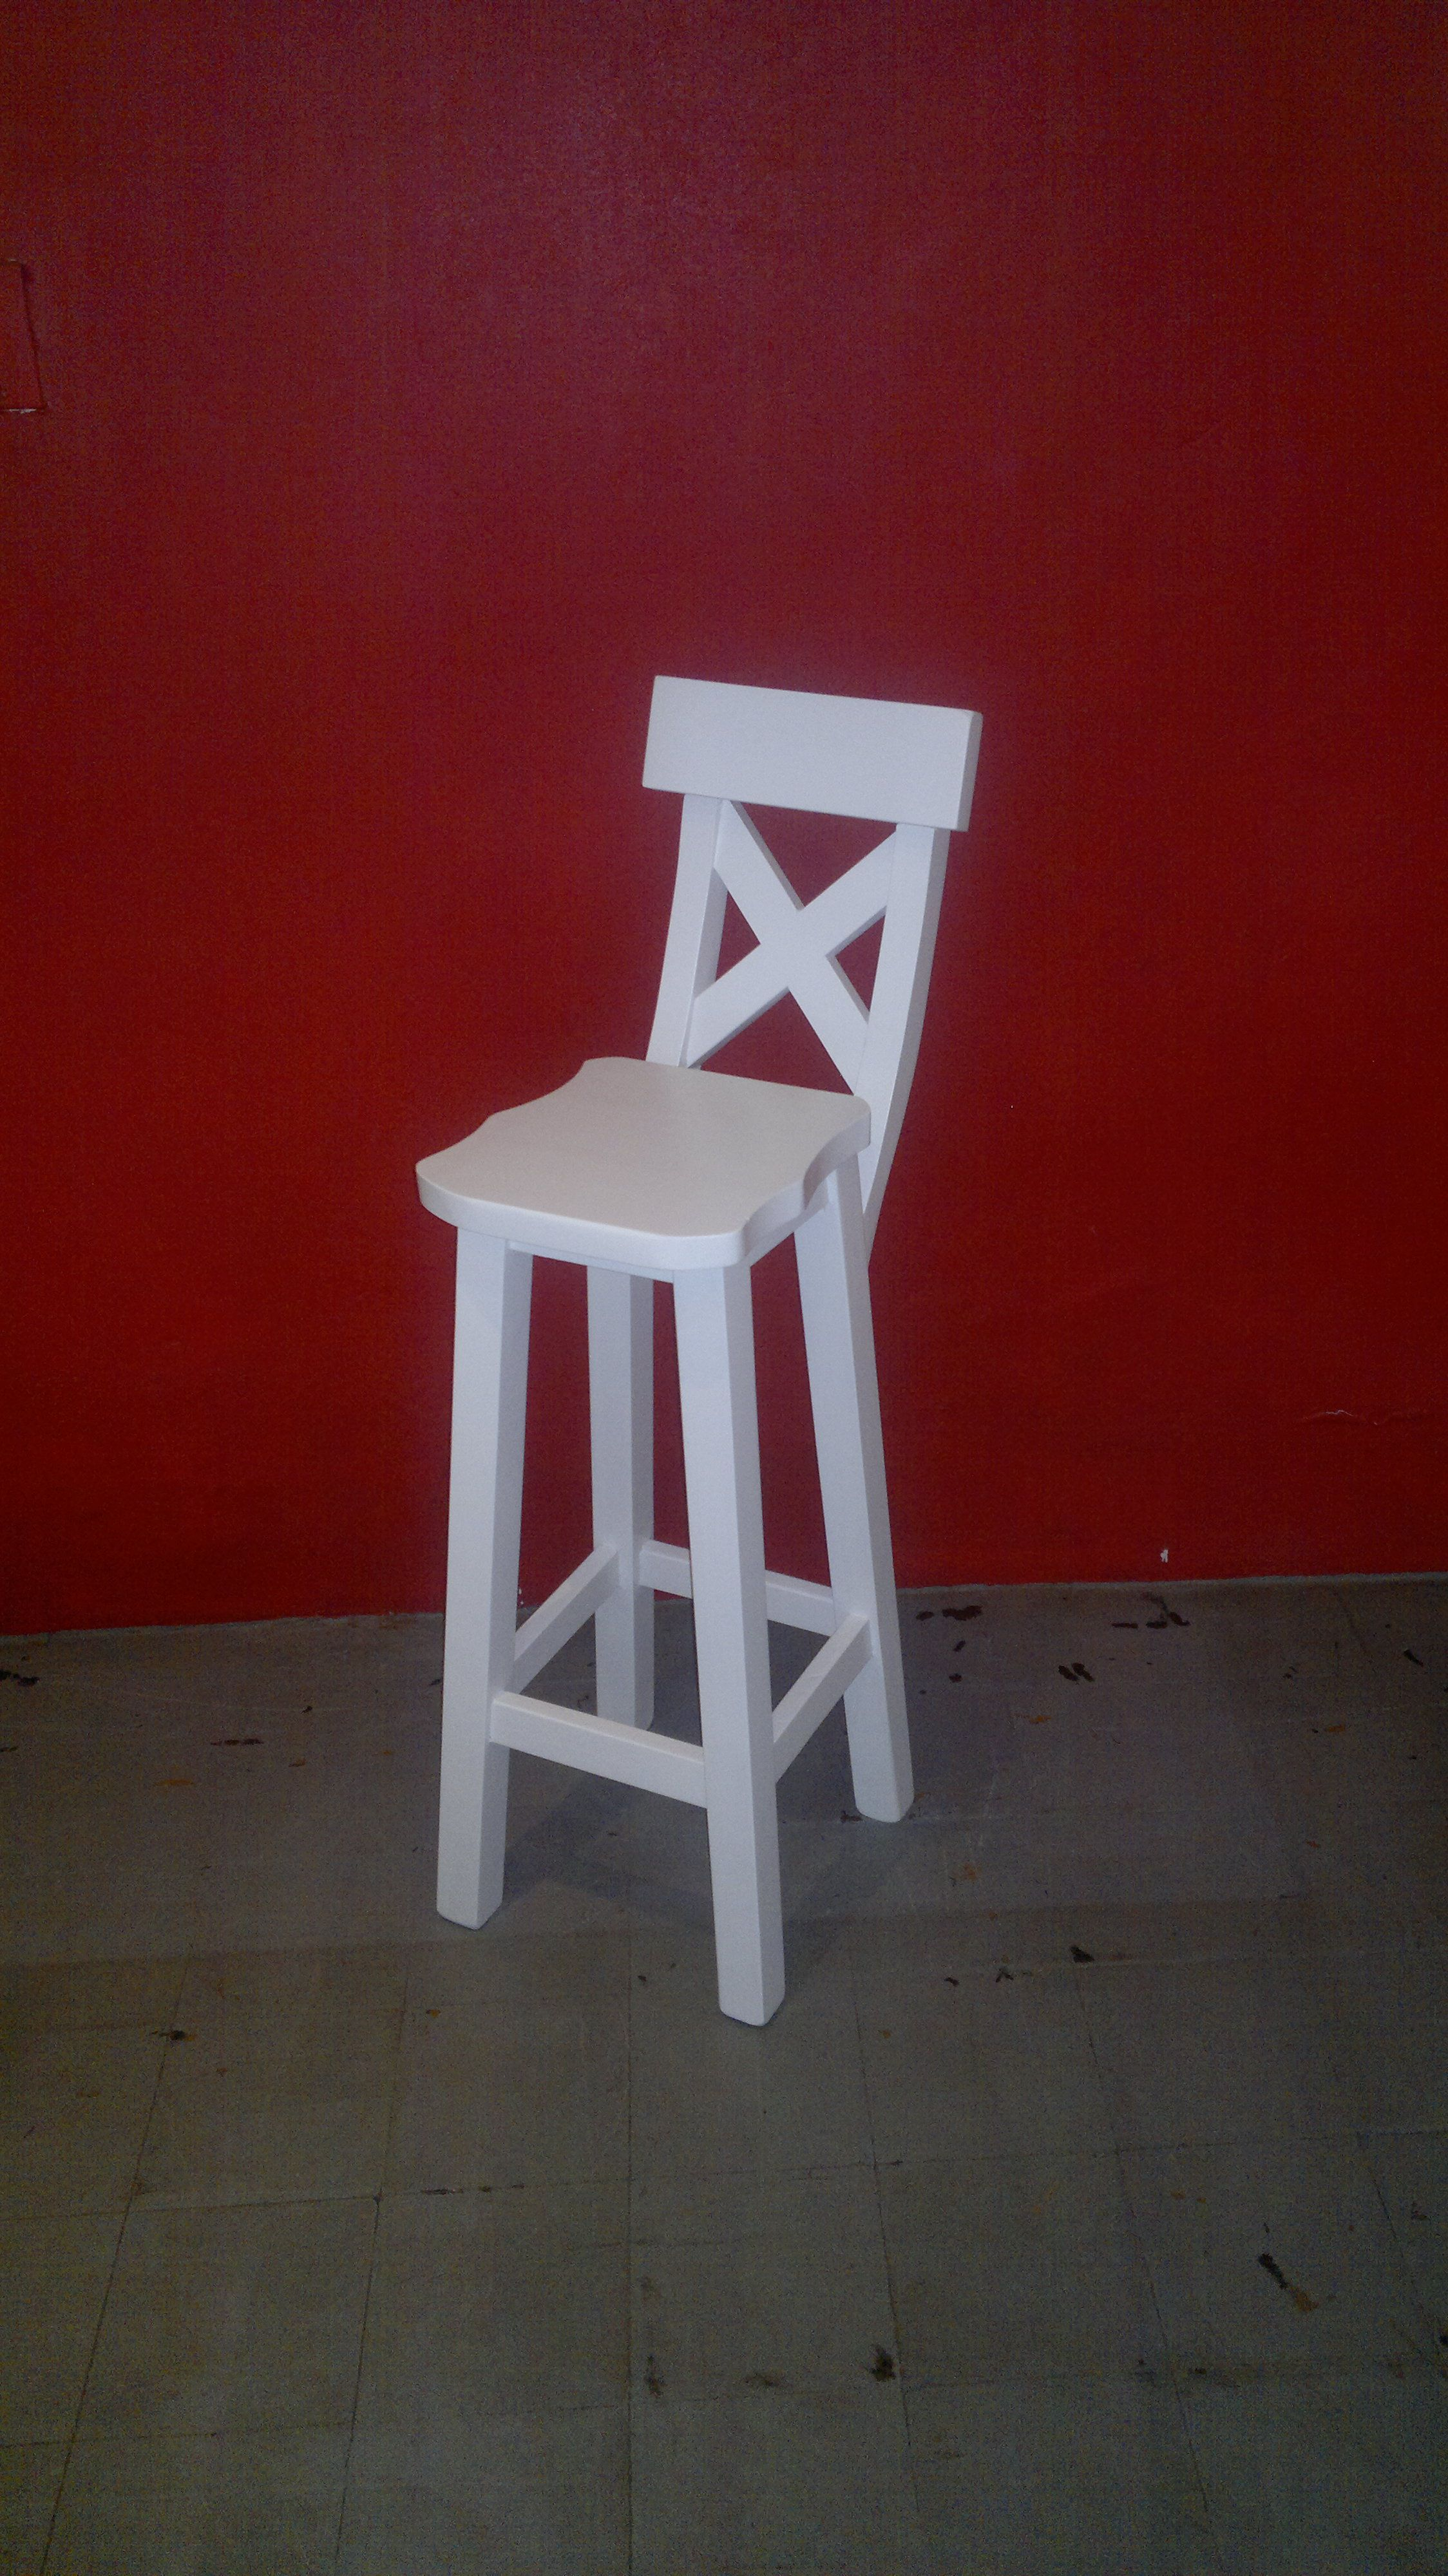 Alquiler de mesas sillas y taburete de dise o exclusivo - Mesas y sillas de diseno ...